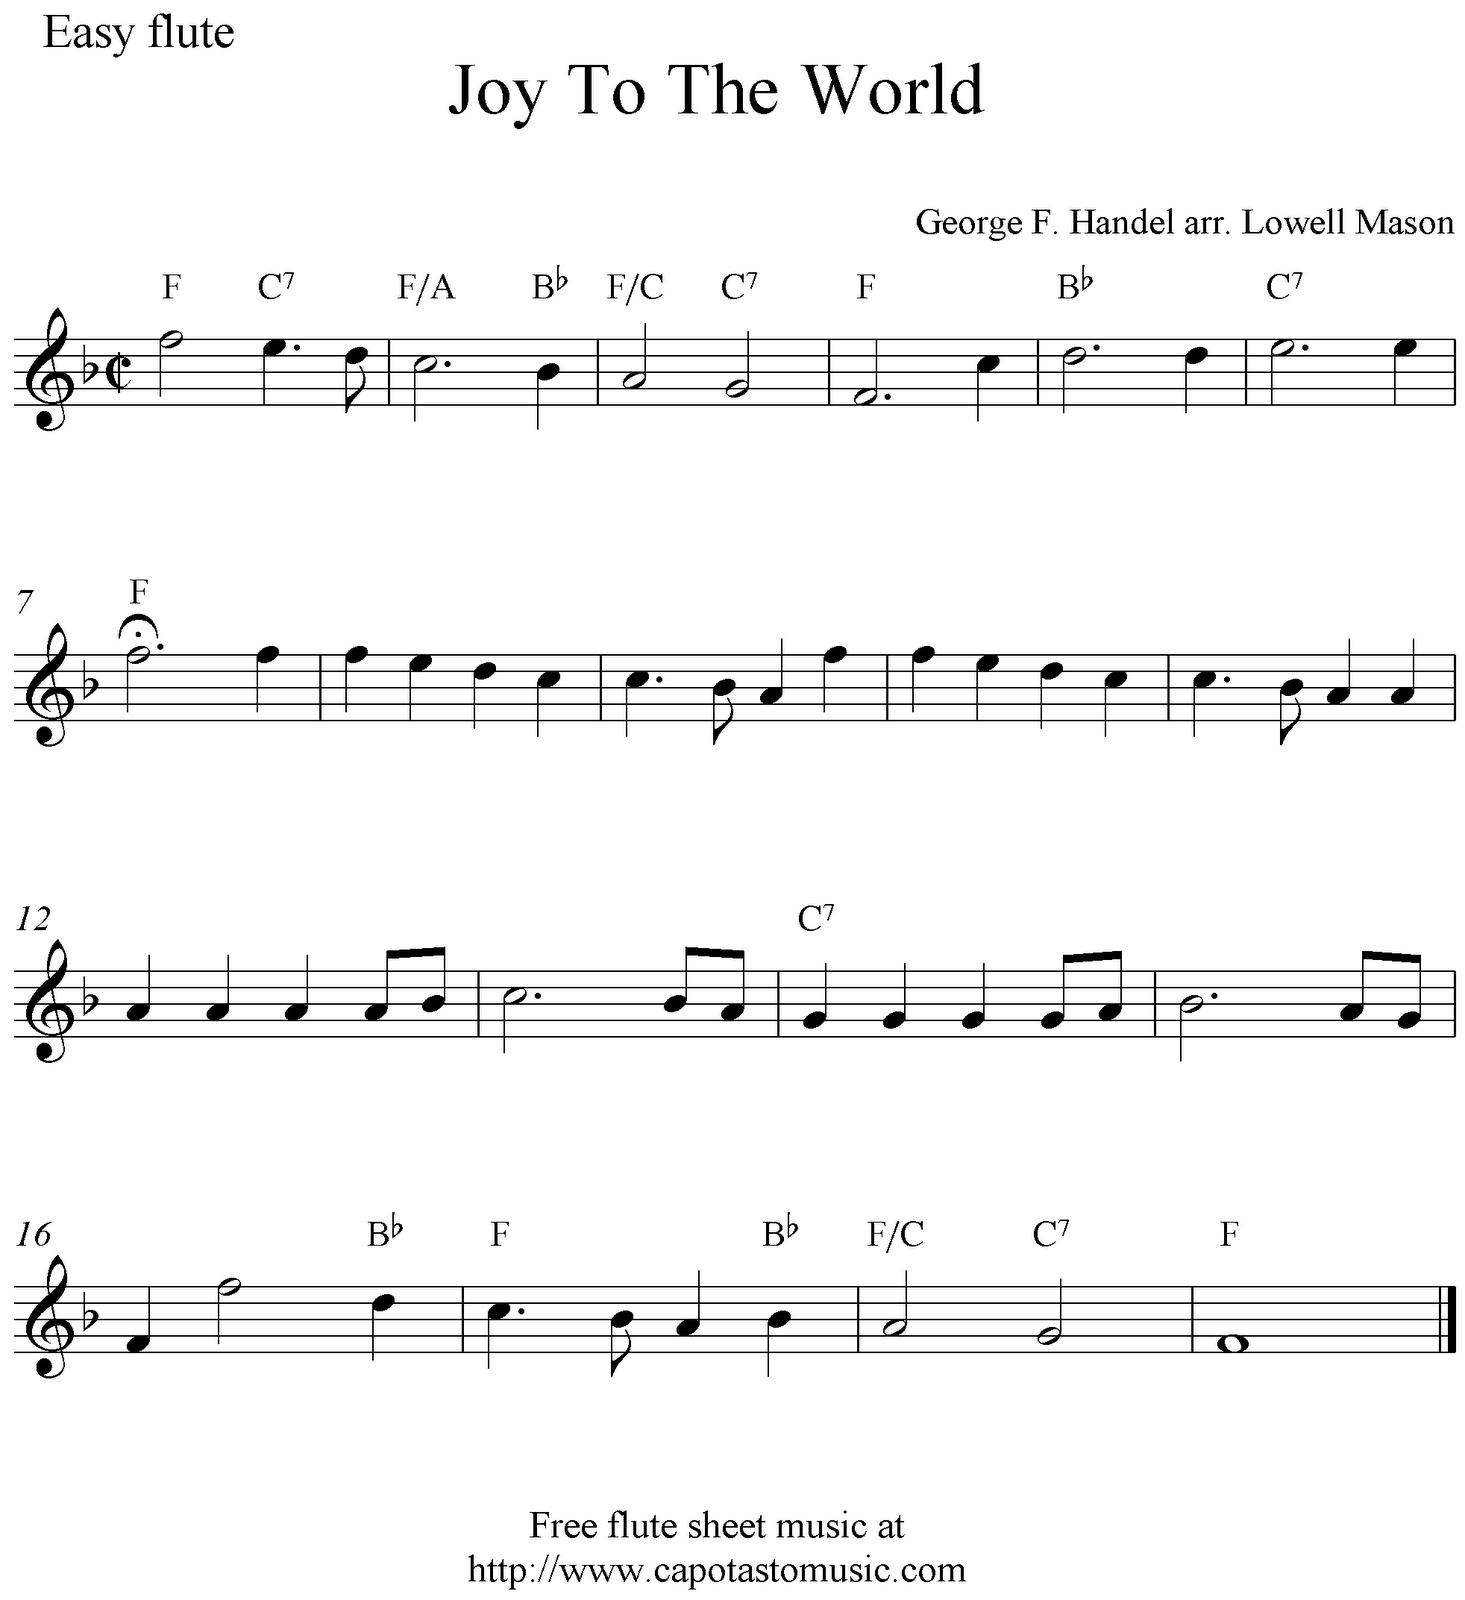 Beginner Flute Sheet Music Pdf - Free Printable Flute Sheet Music For Pop Songs